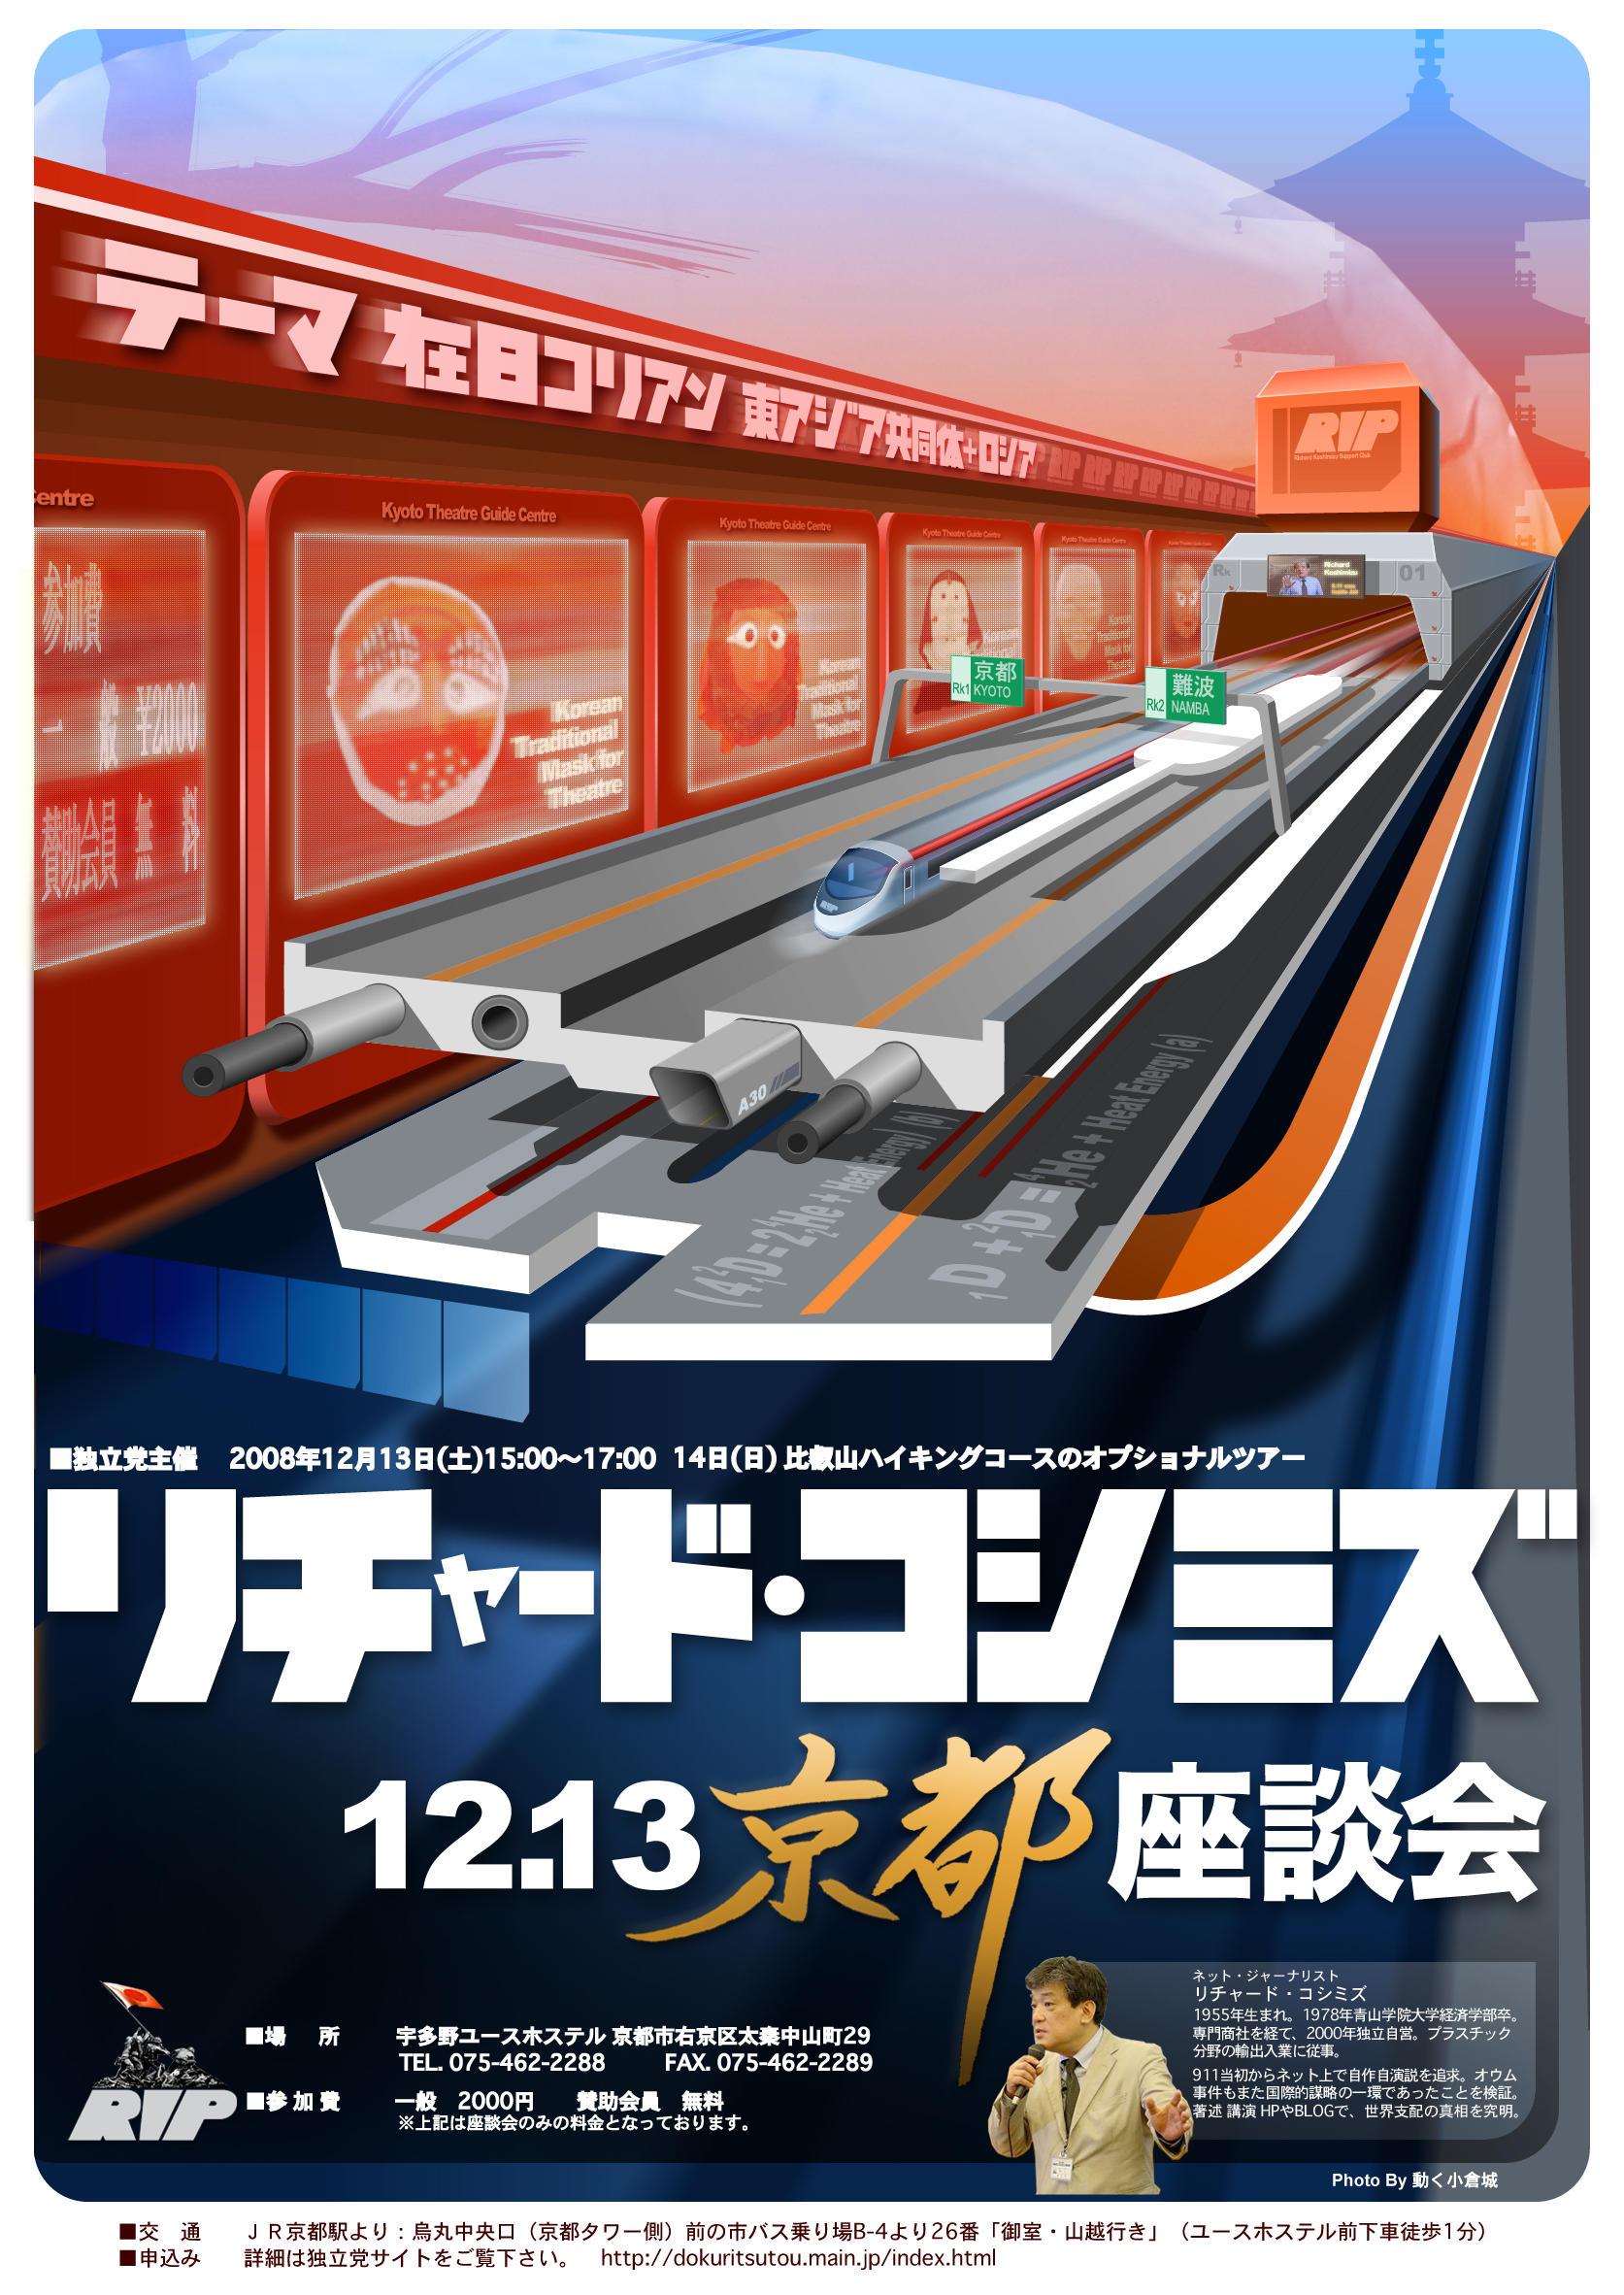 12月13日(土)、京都座談会でお会いしましょう!